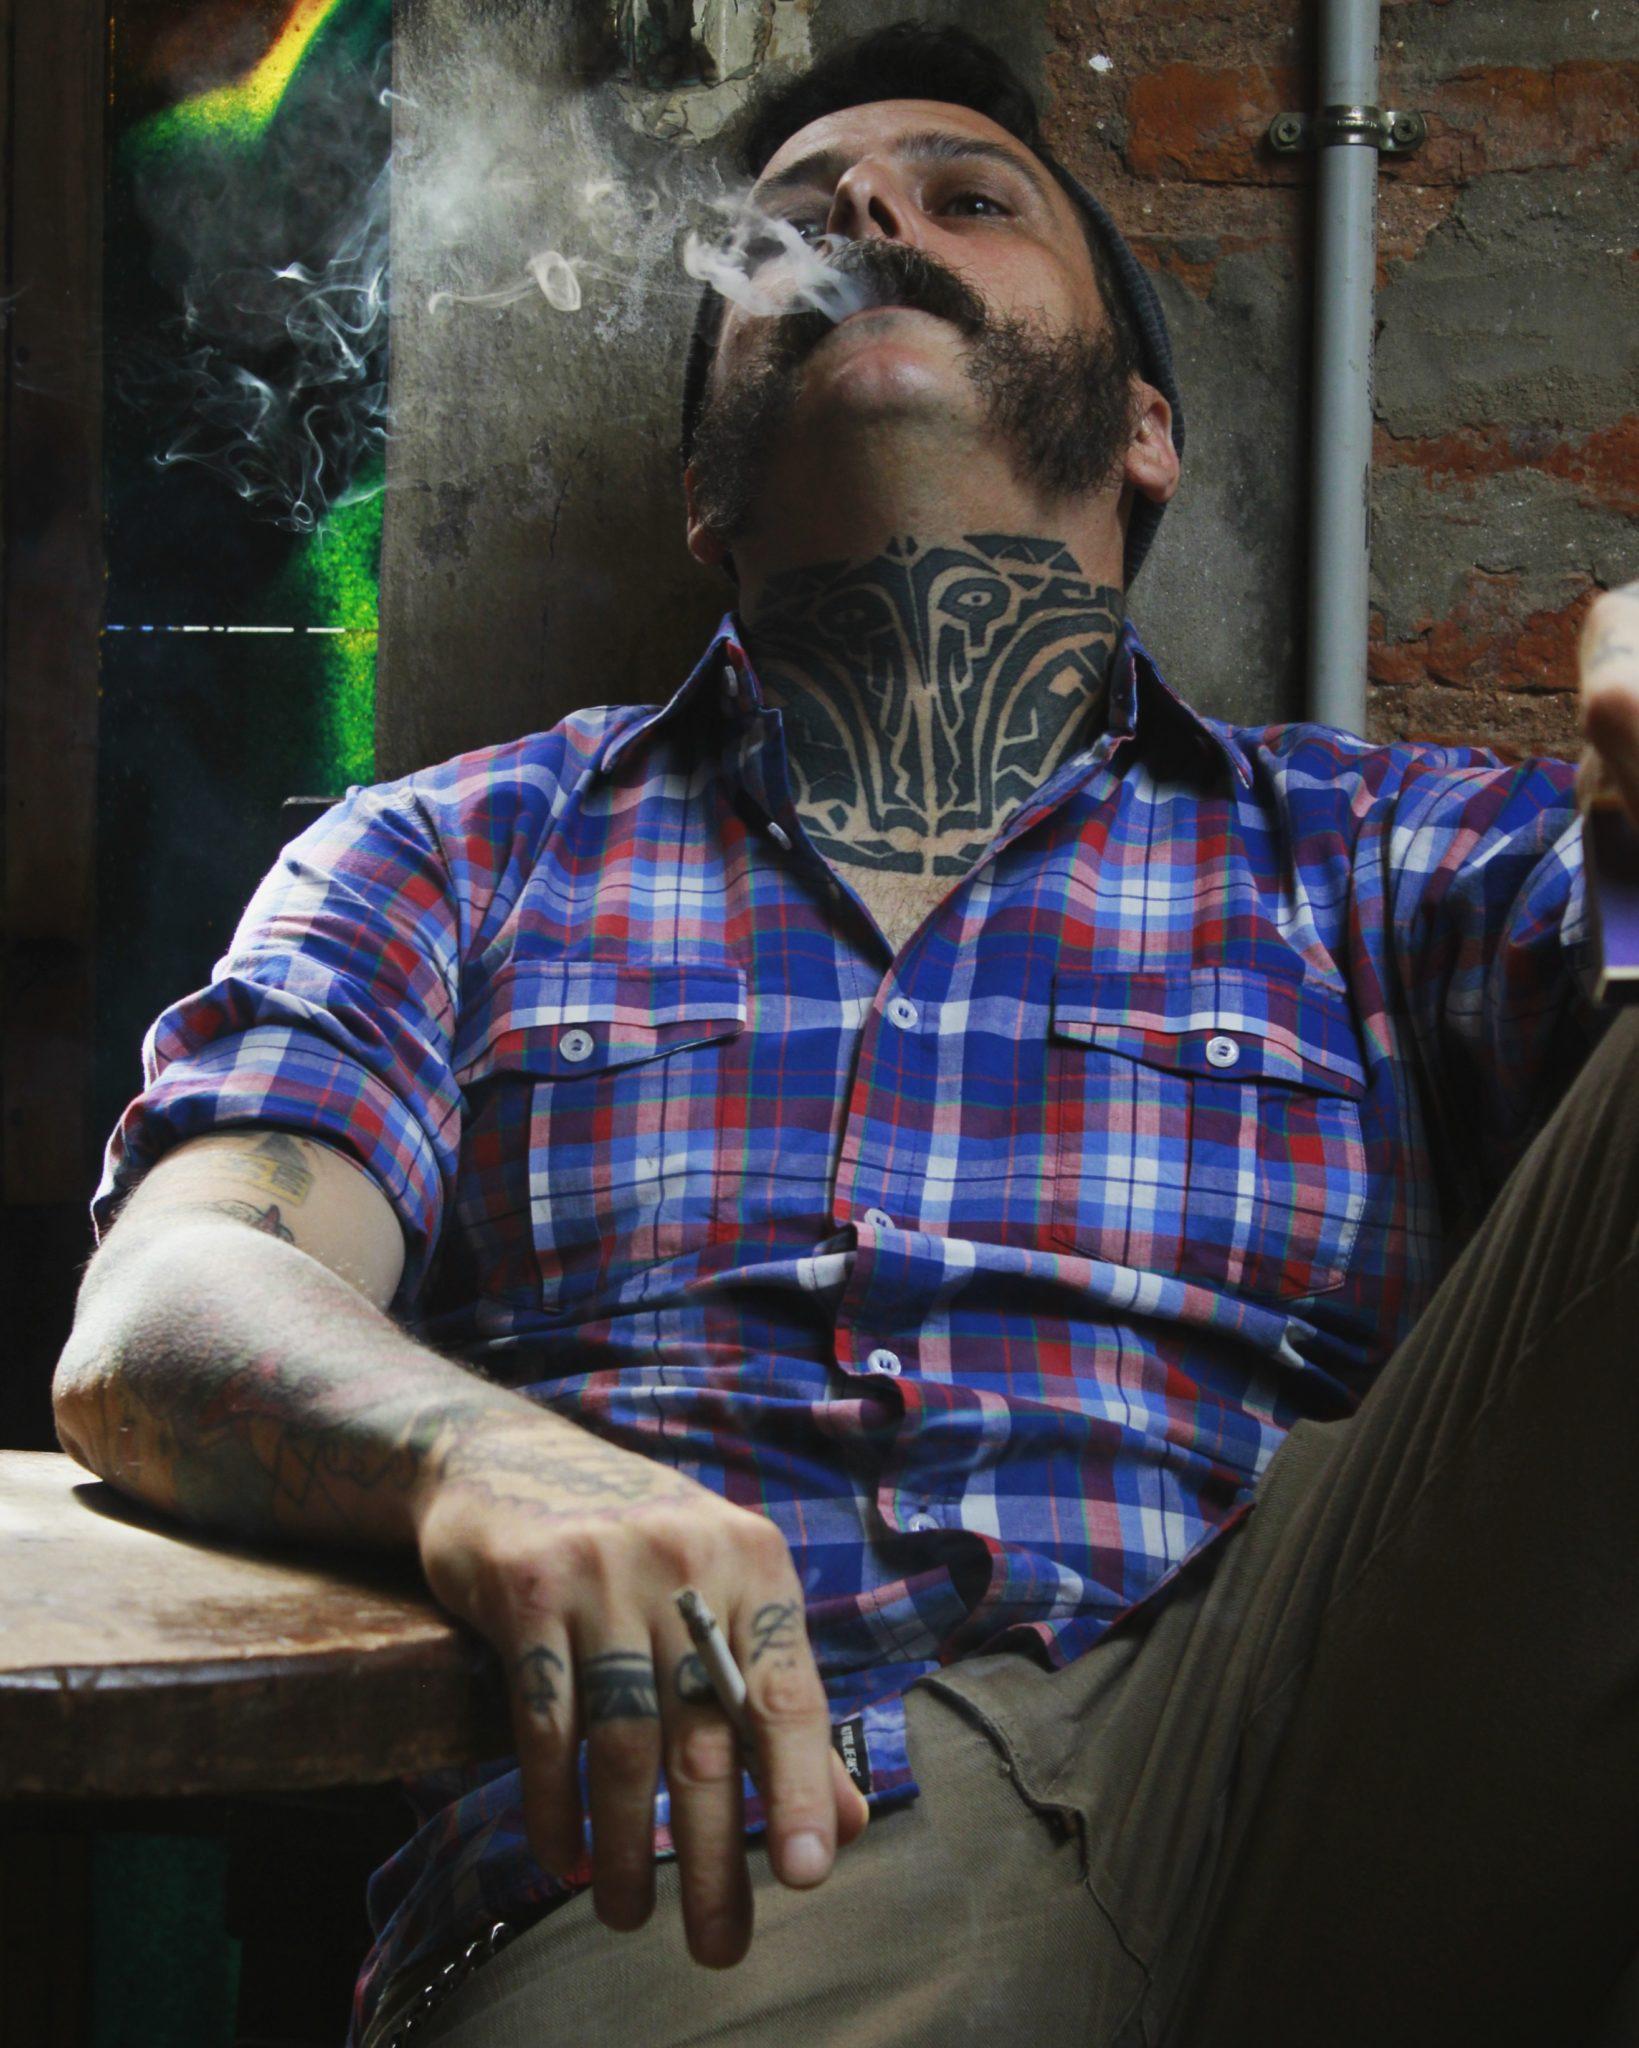 Gość w koszuli, palący papierosa i siedzący na fotelu